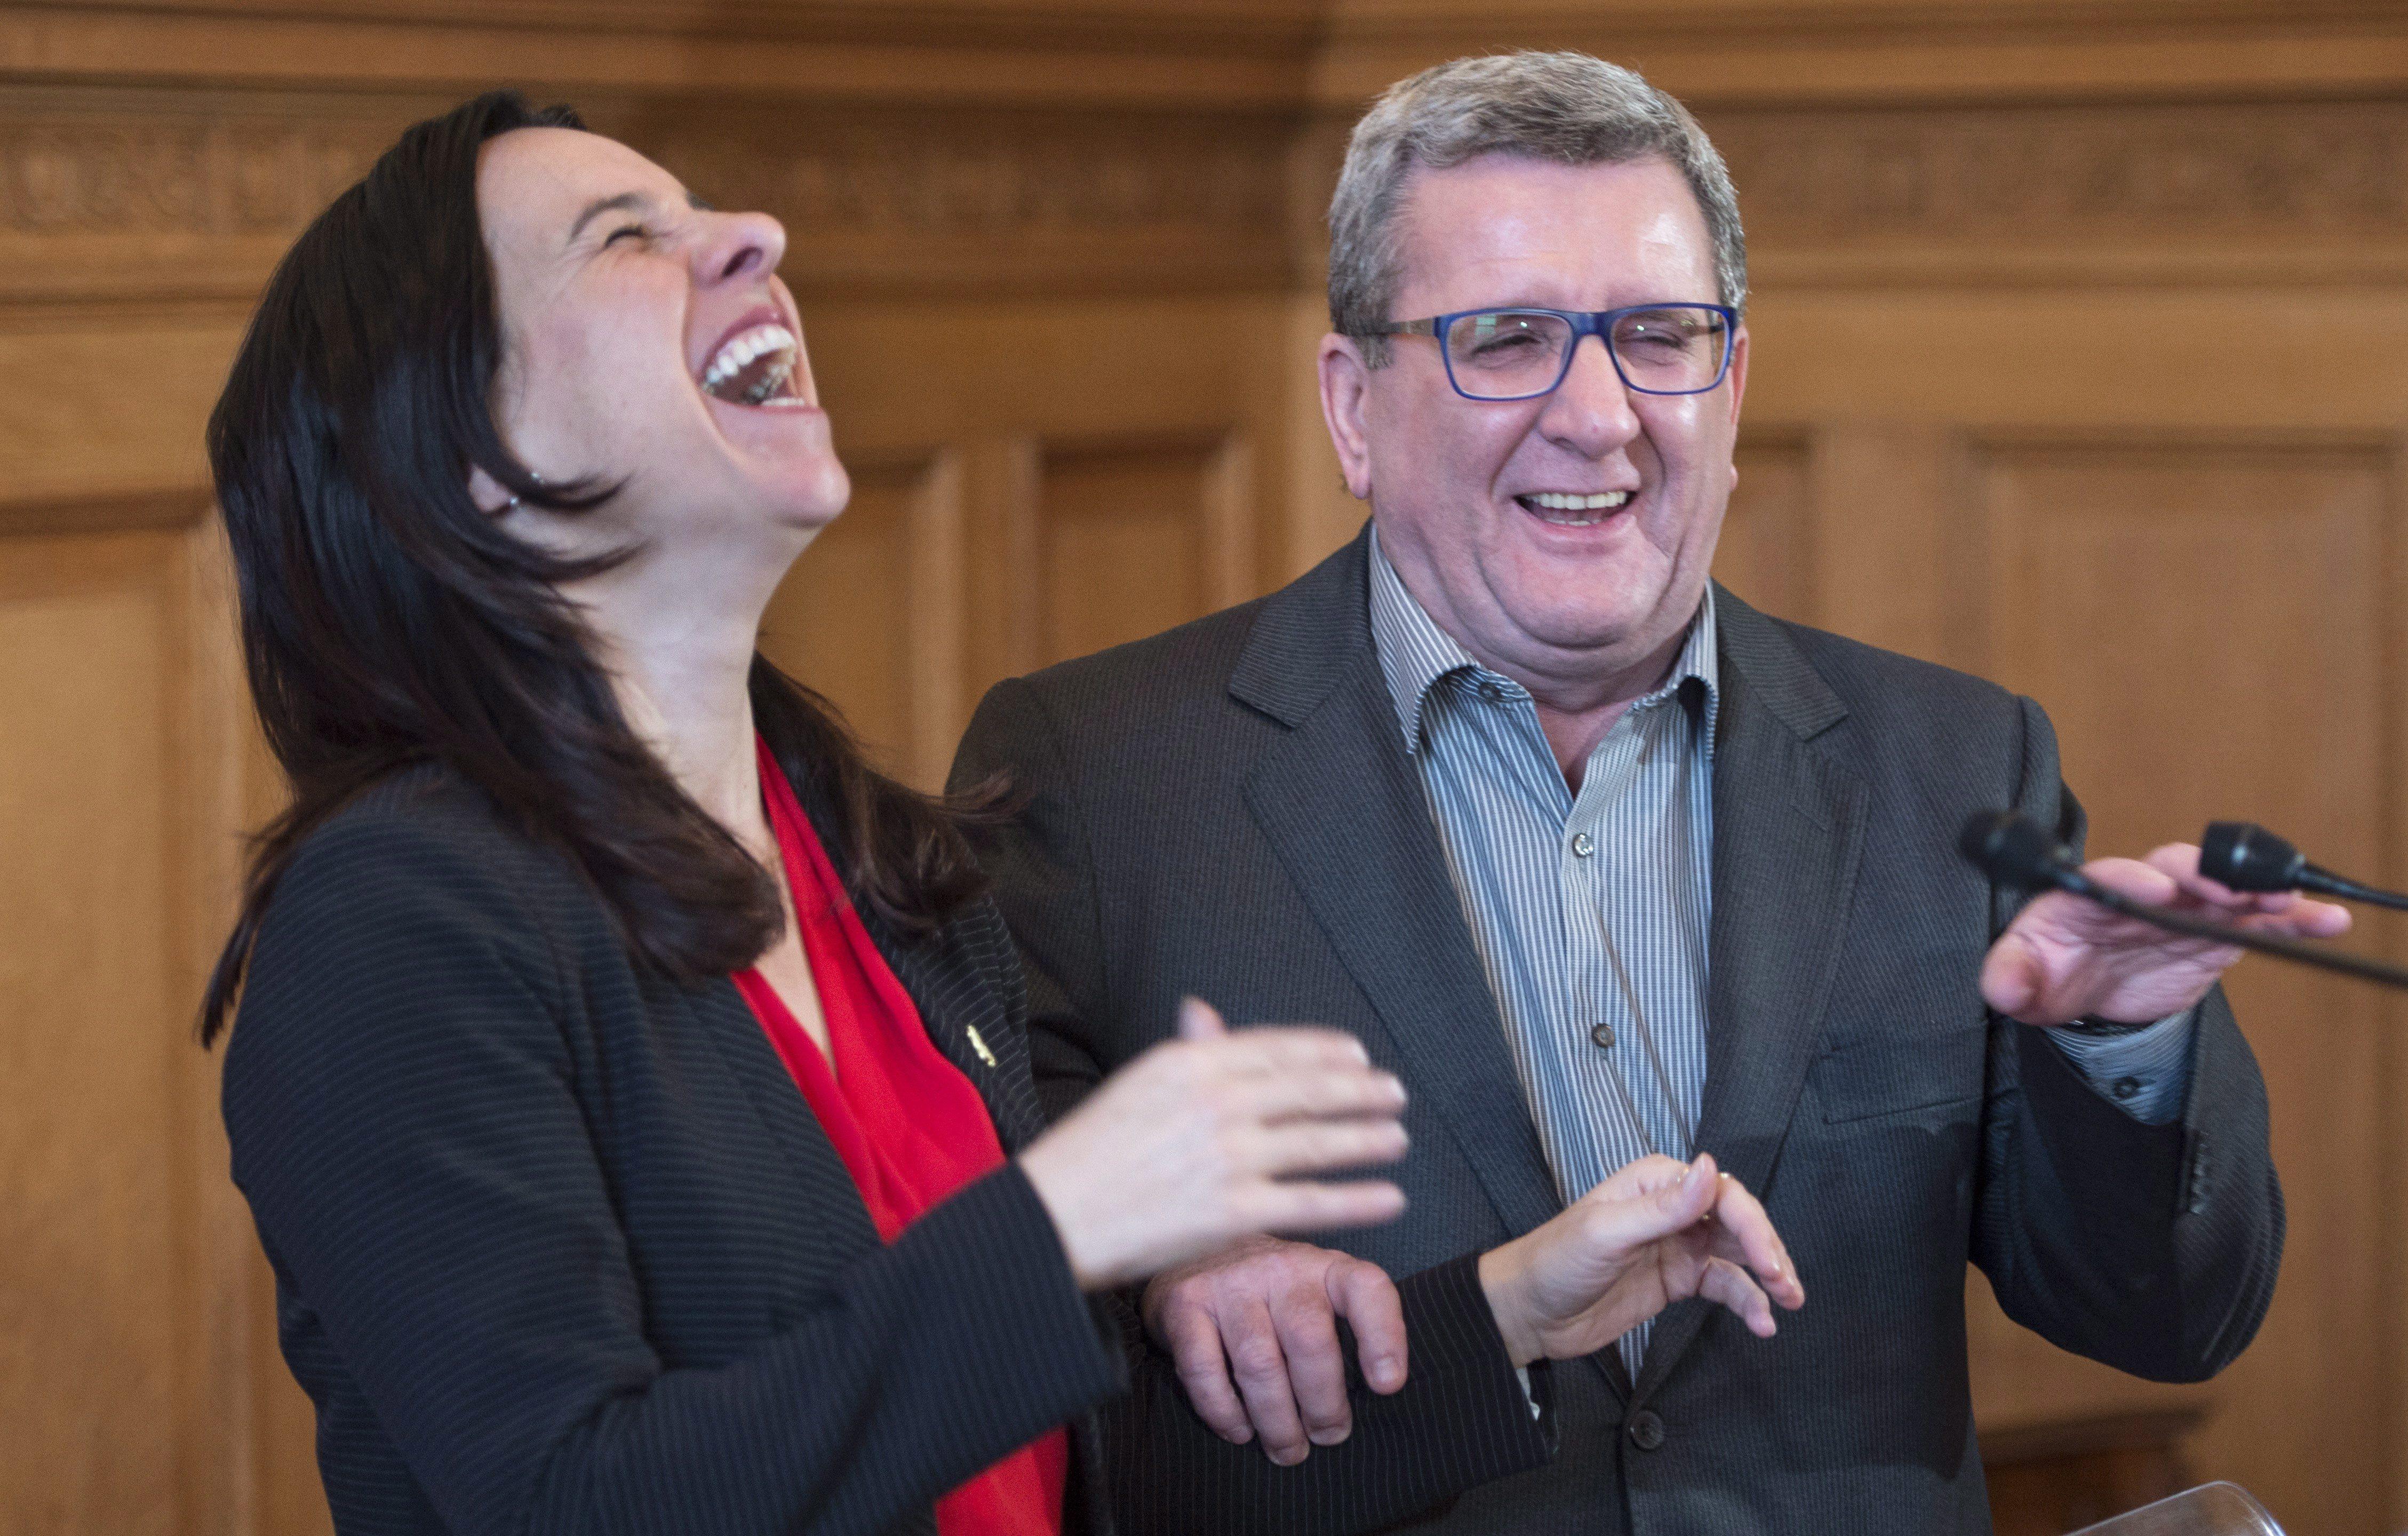 Le partenariat Montréal-Québec se poursuivra, selon Valérie Plante et Régis